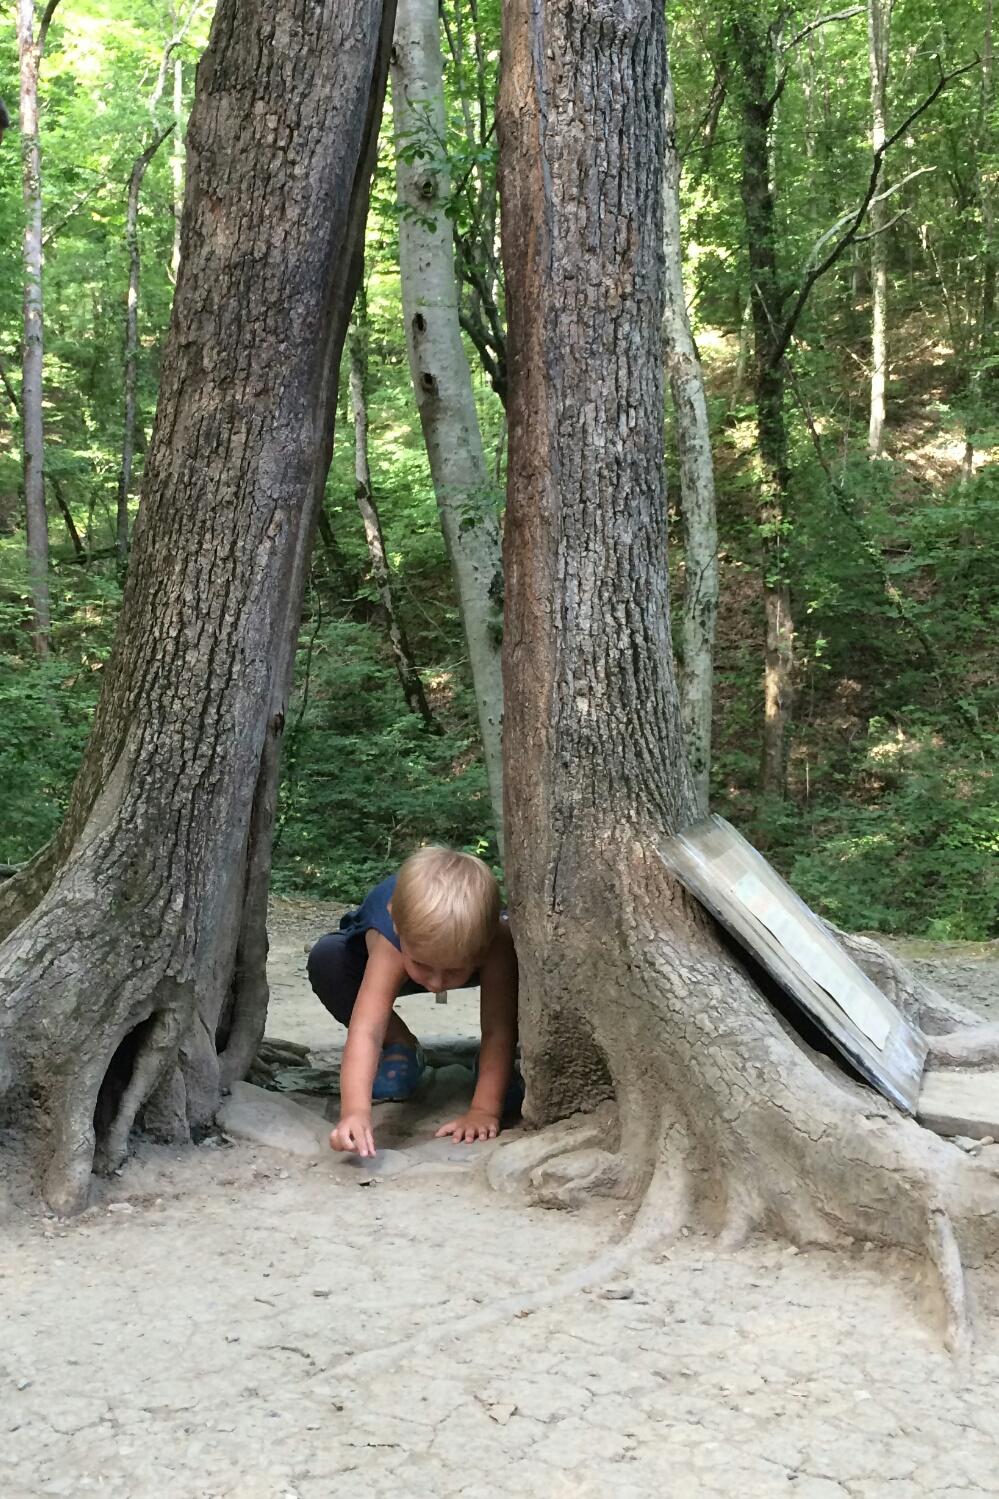 Тёма жертвует монетку дереву Желаний